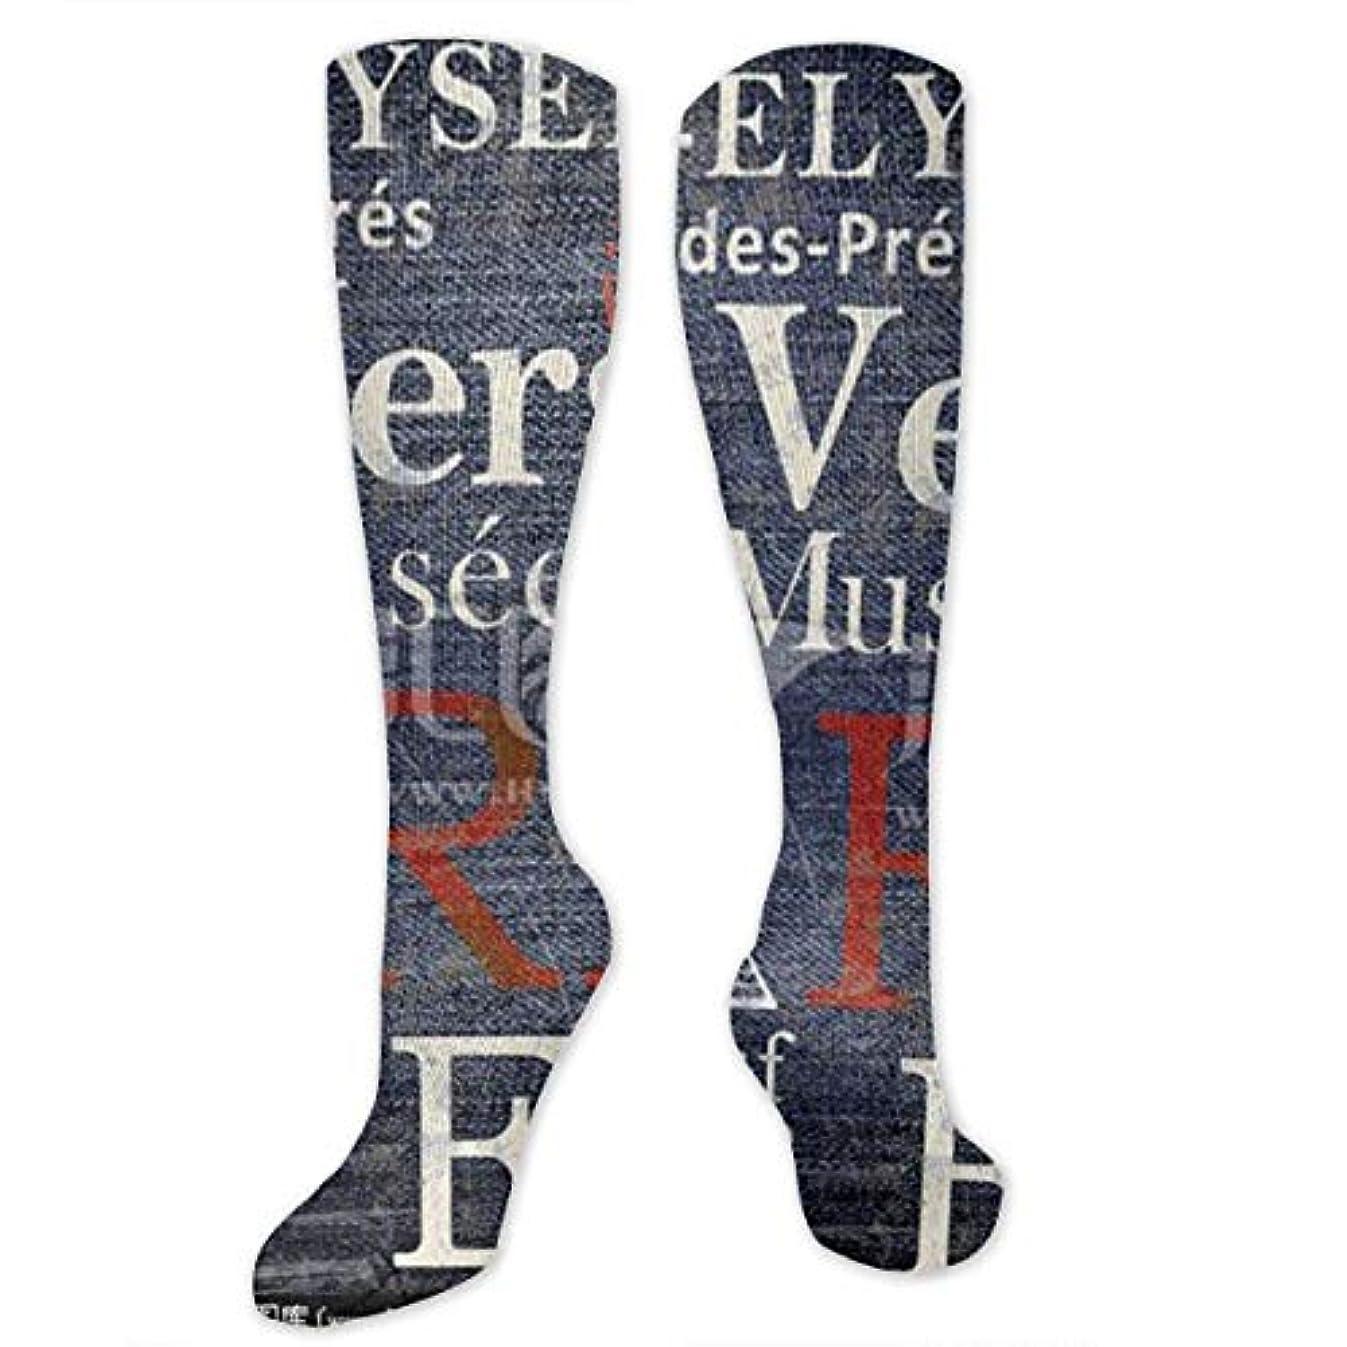 先住民ニッケル和解する靴下,ストッキング,野生のジョーカー,実際,秋の本質,冬必須,サマーウェア&RBXAA Paris Tower Socks Women's Winter Cotton Long Tube Socks Cotton Solid...